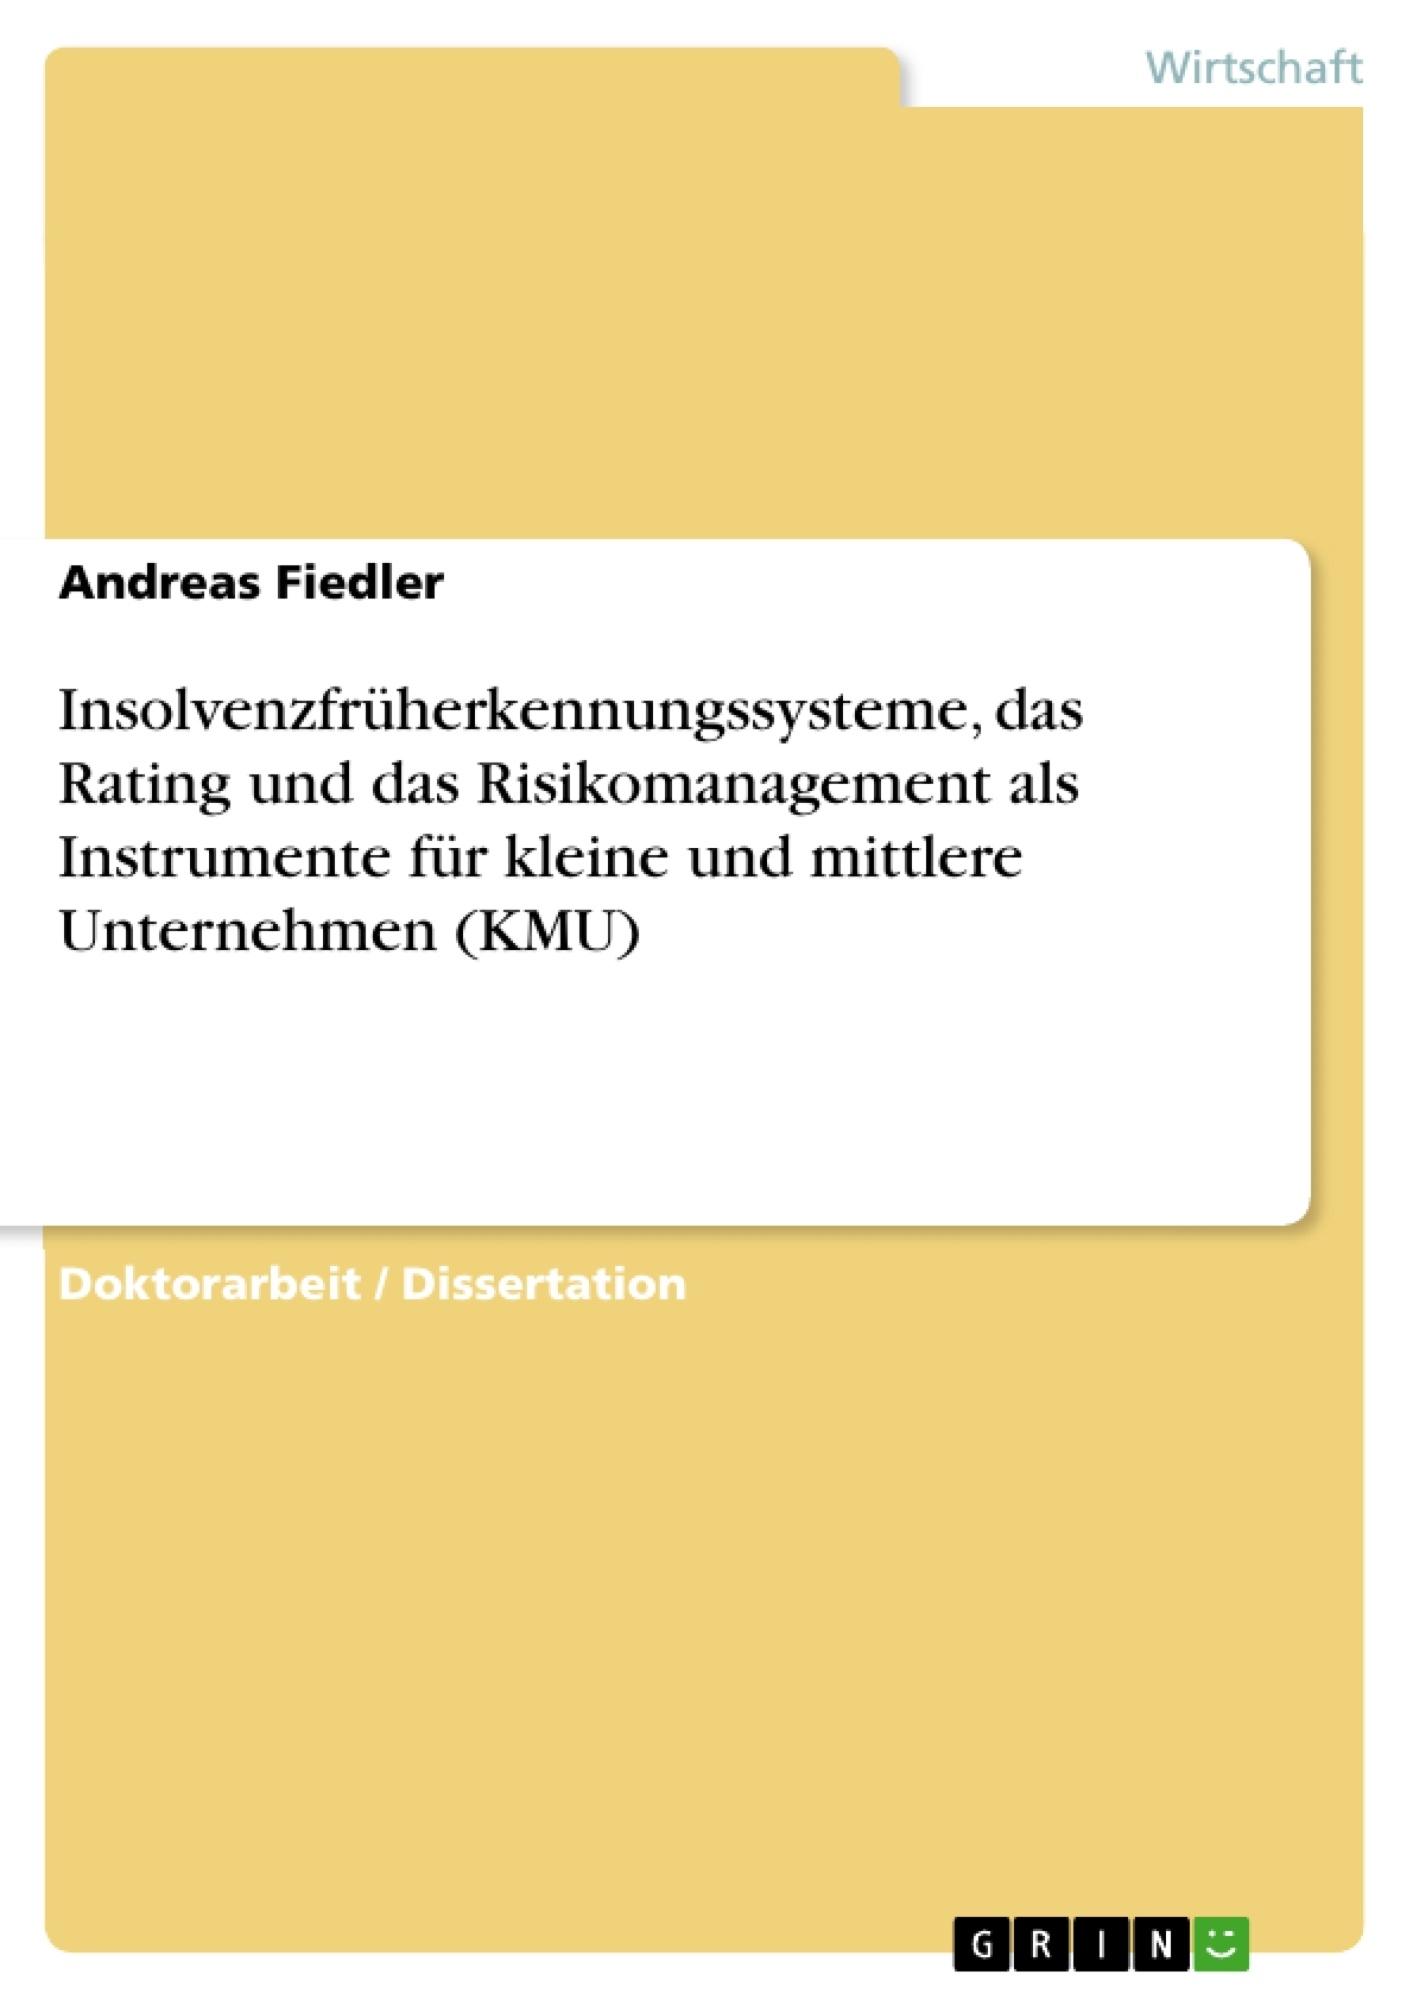 Titel: Insolvenzfrüherkennungssysteme, das Rating und das Risikomanagement als Instrumente für kleine und mittlere Unternehmen (KMU)